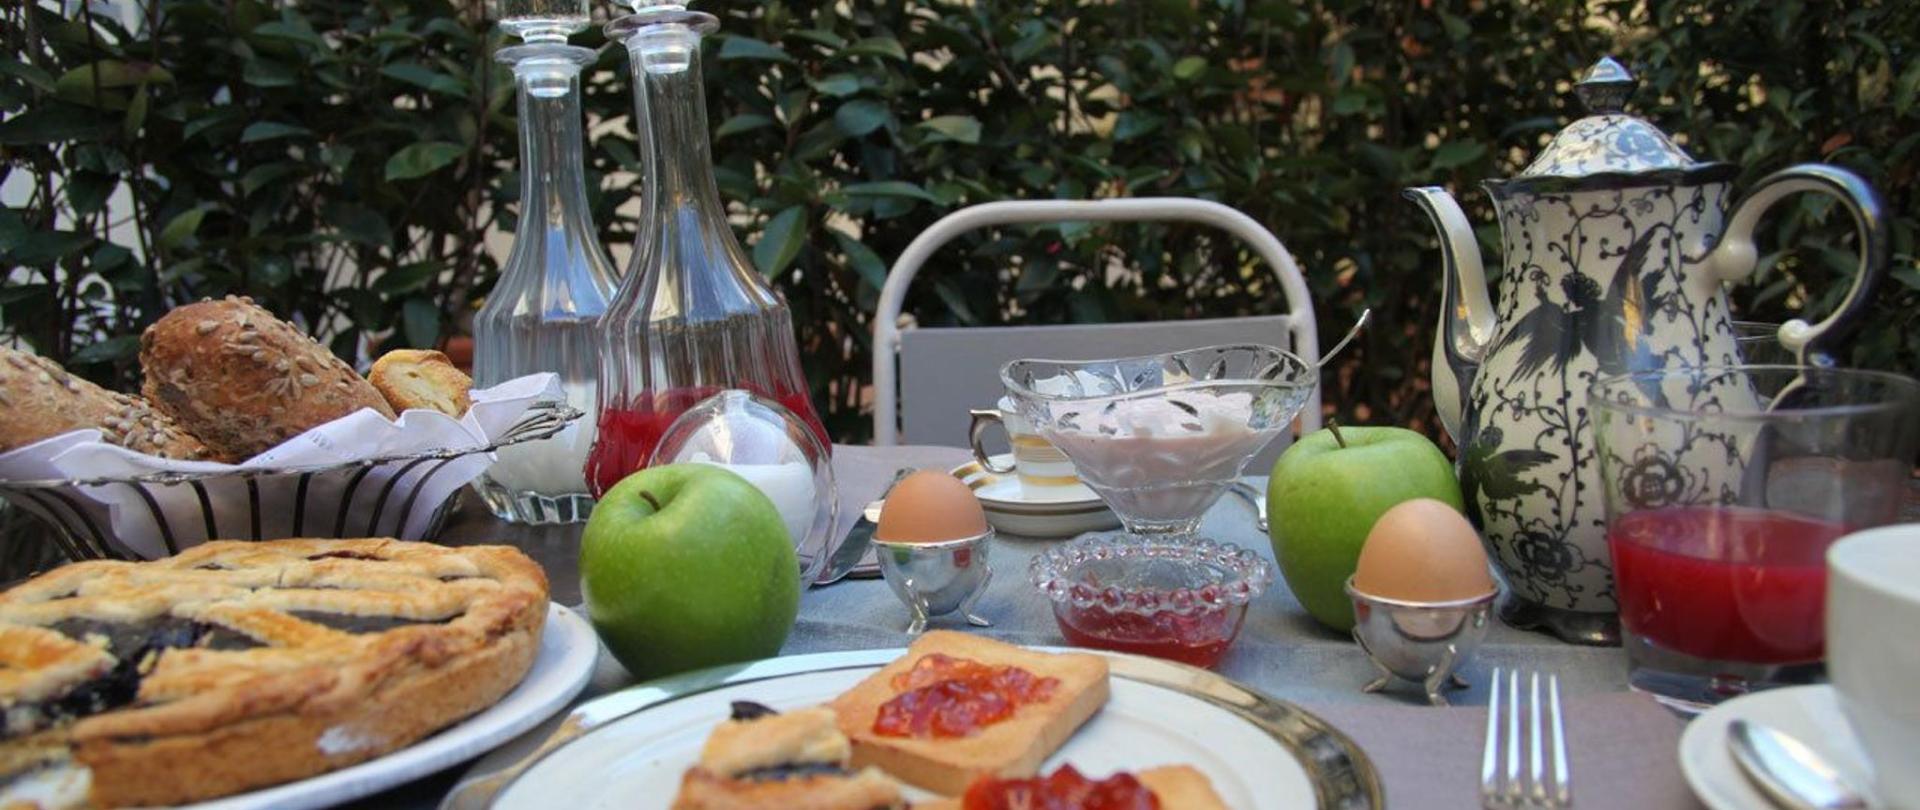 colazione-esterno.jpg